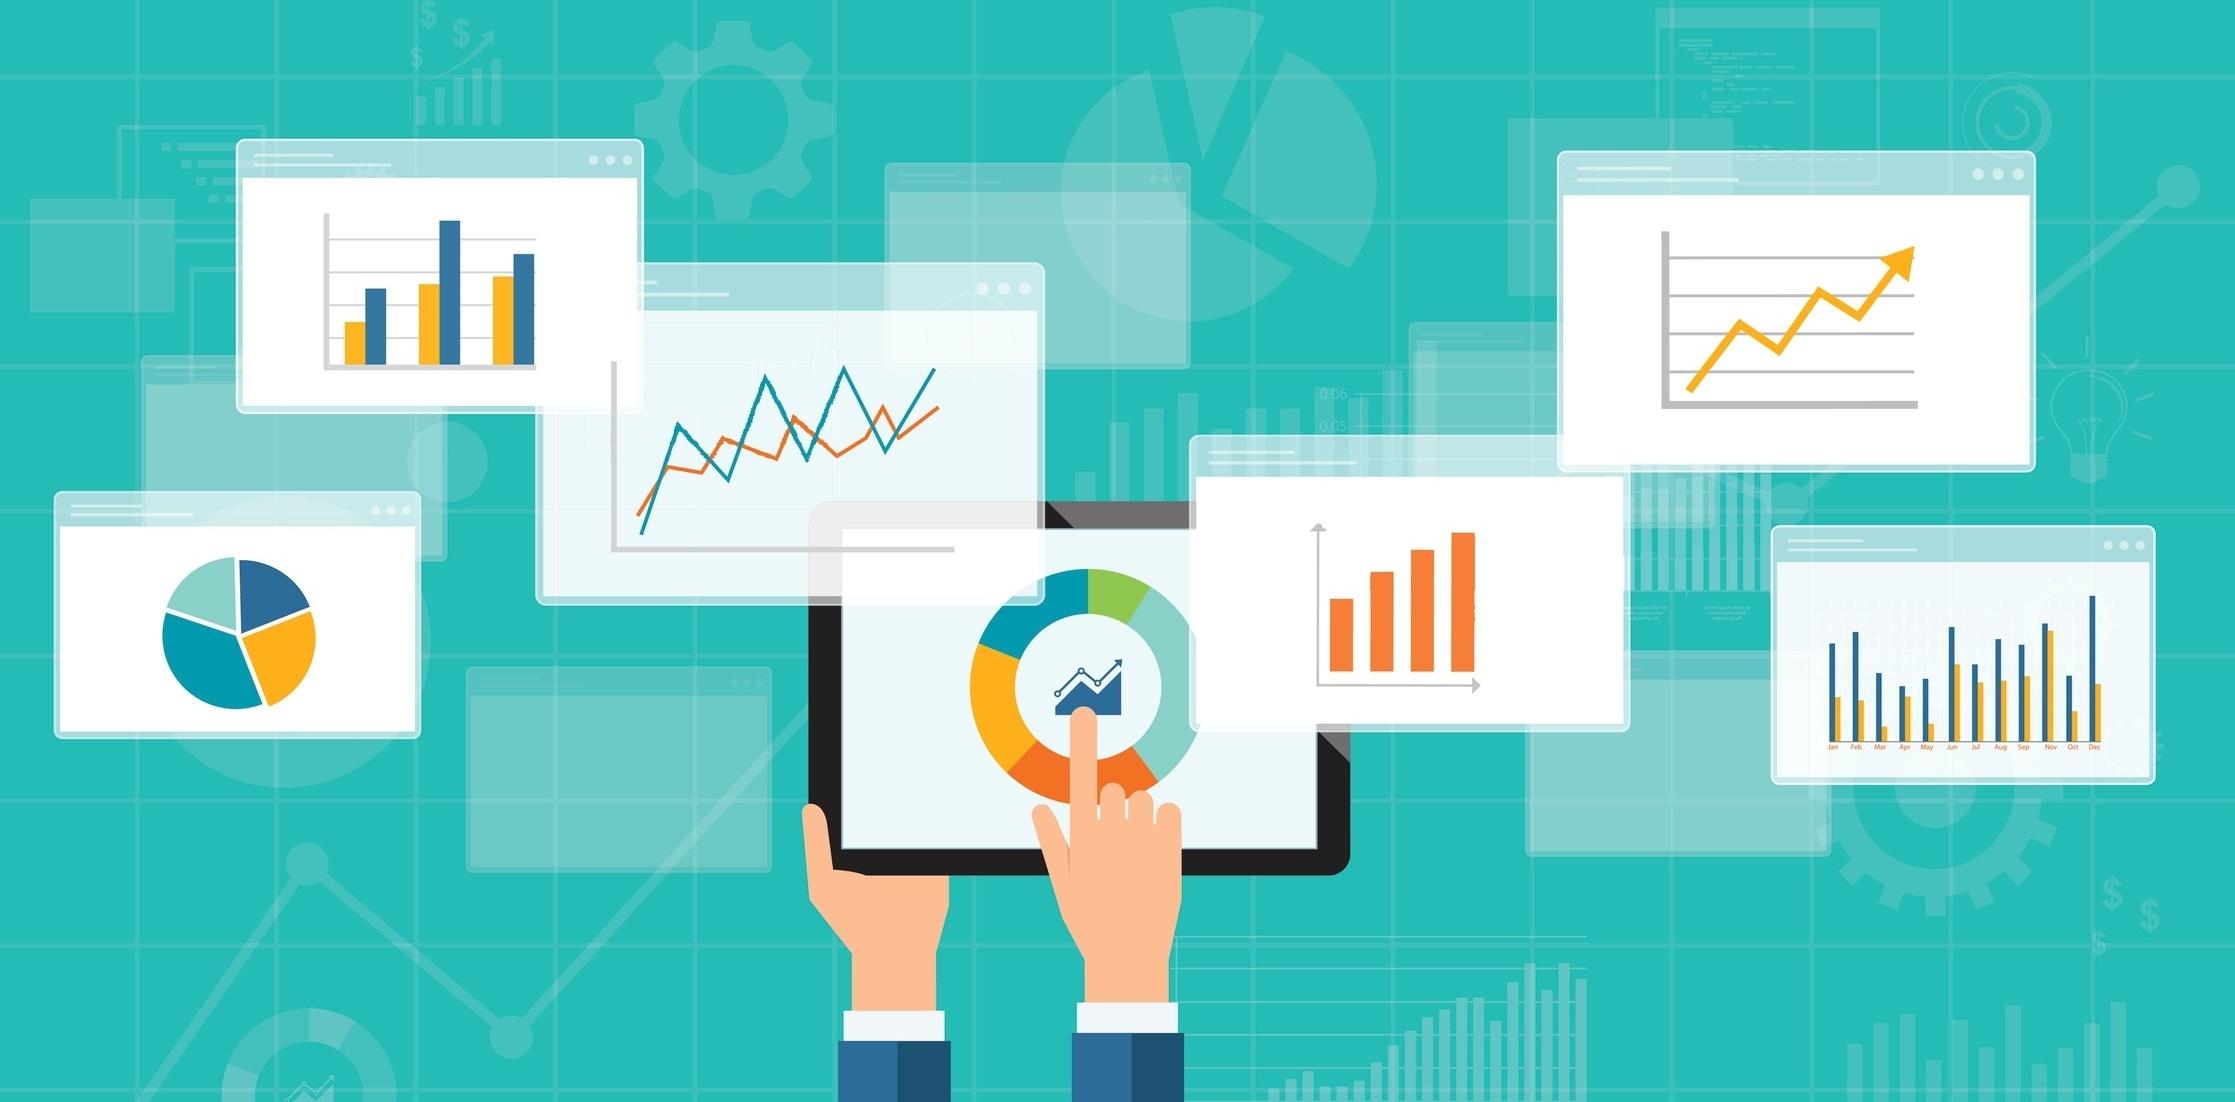 [Kit gratis] Plantillas para crear informes de resultados para marketing